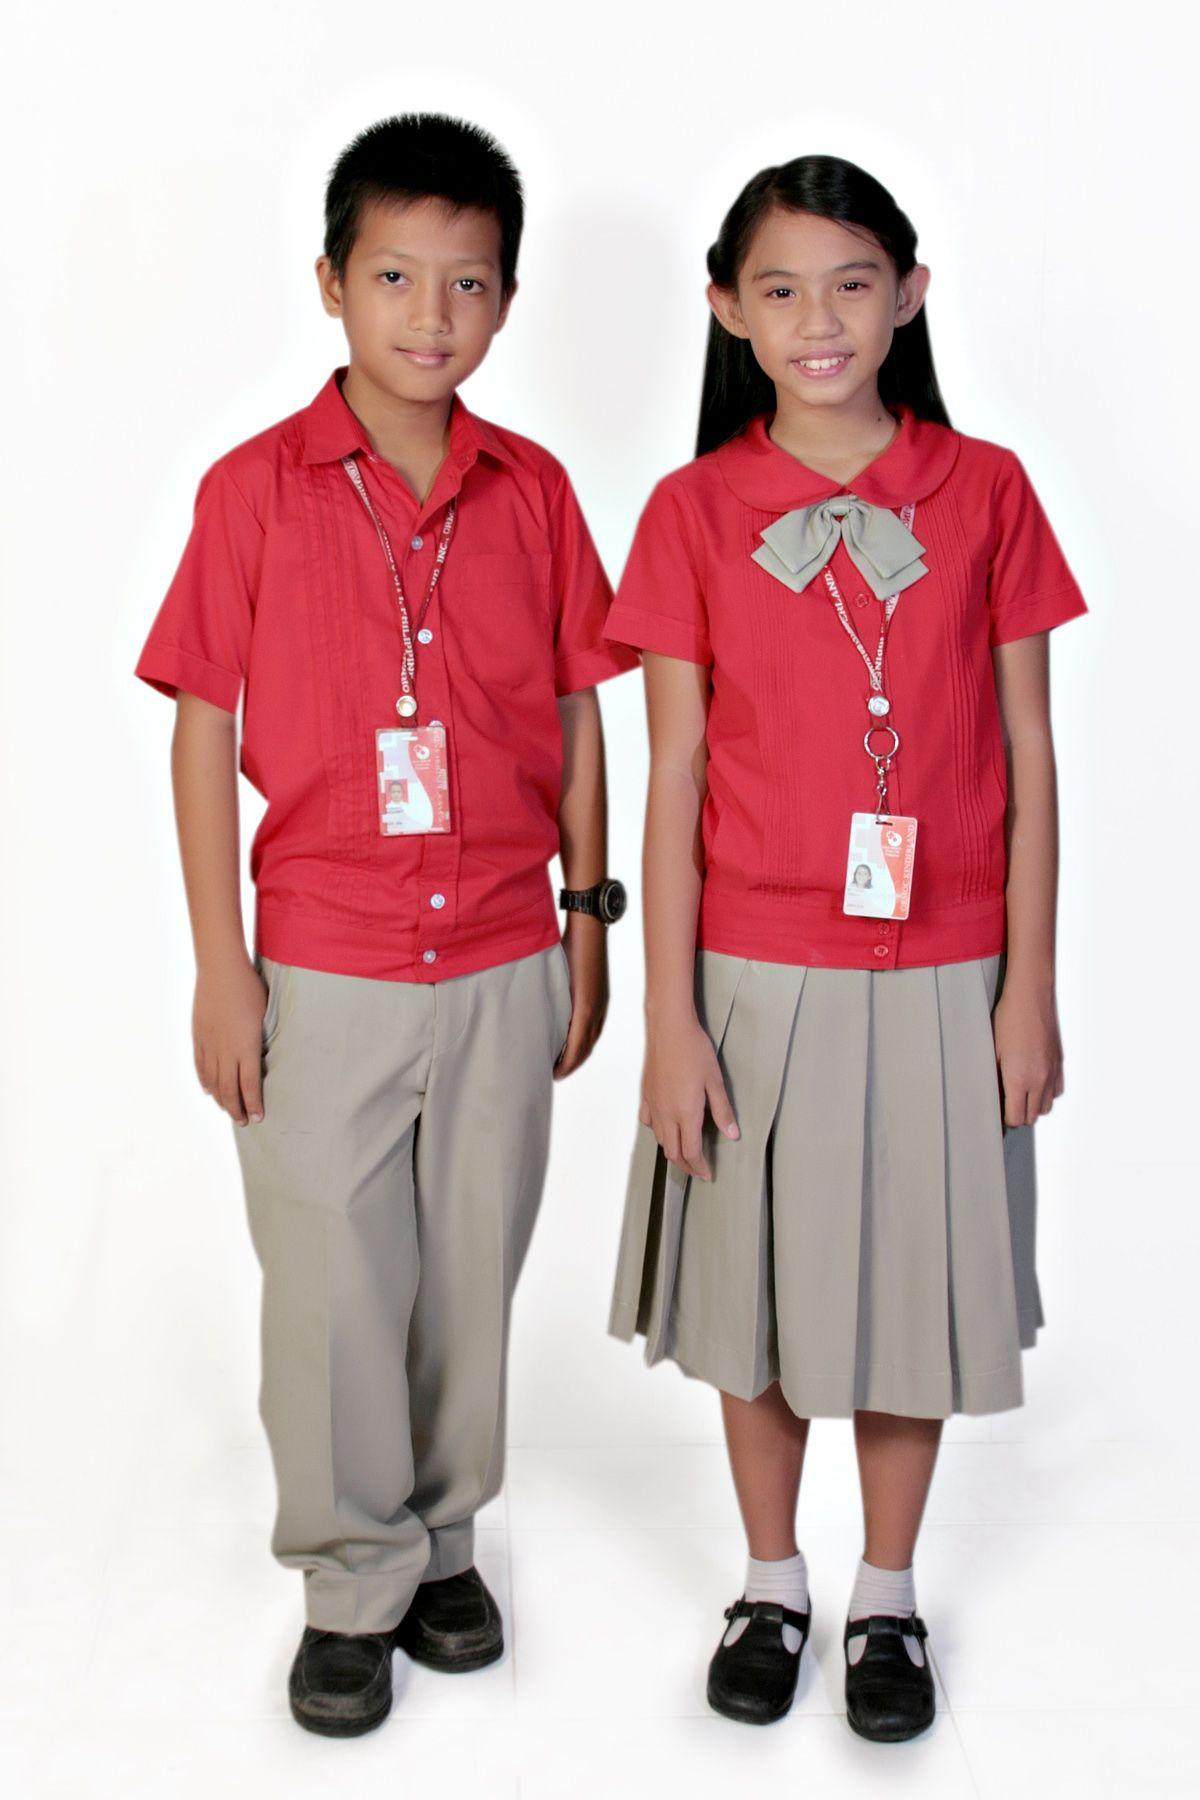 School Uniforms In Public Schools